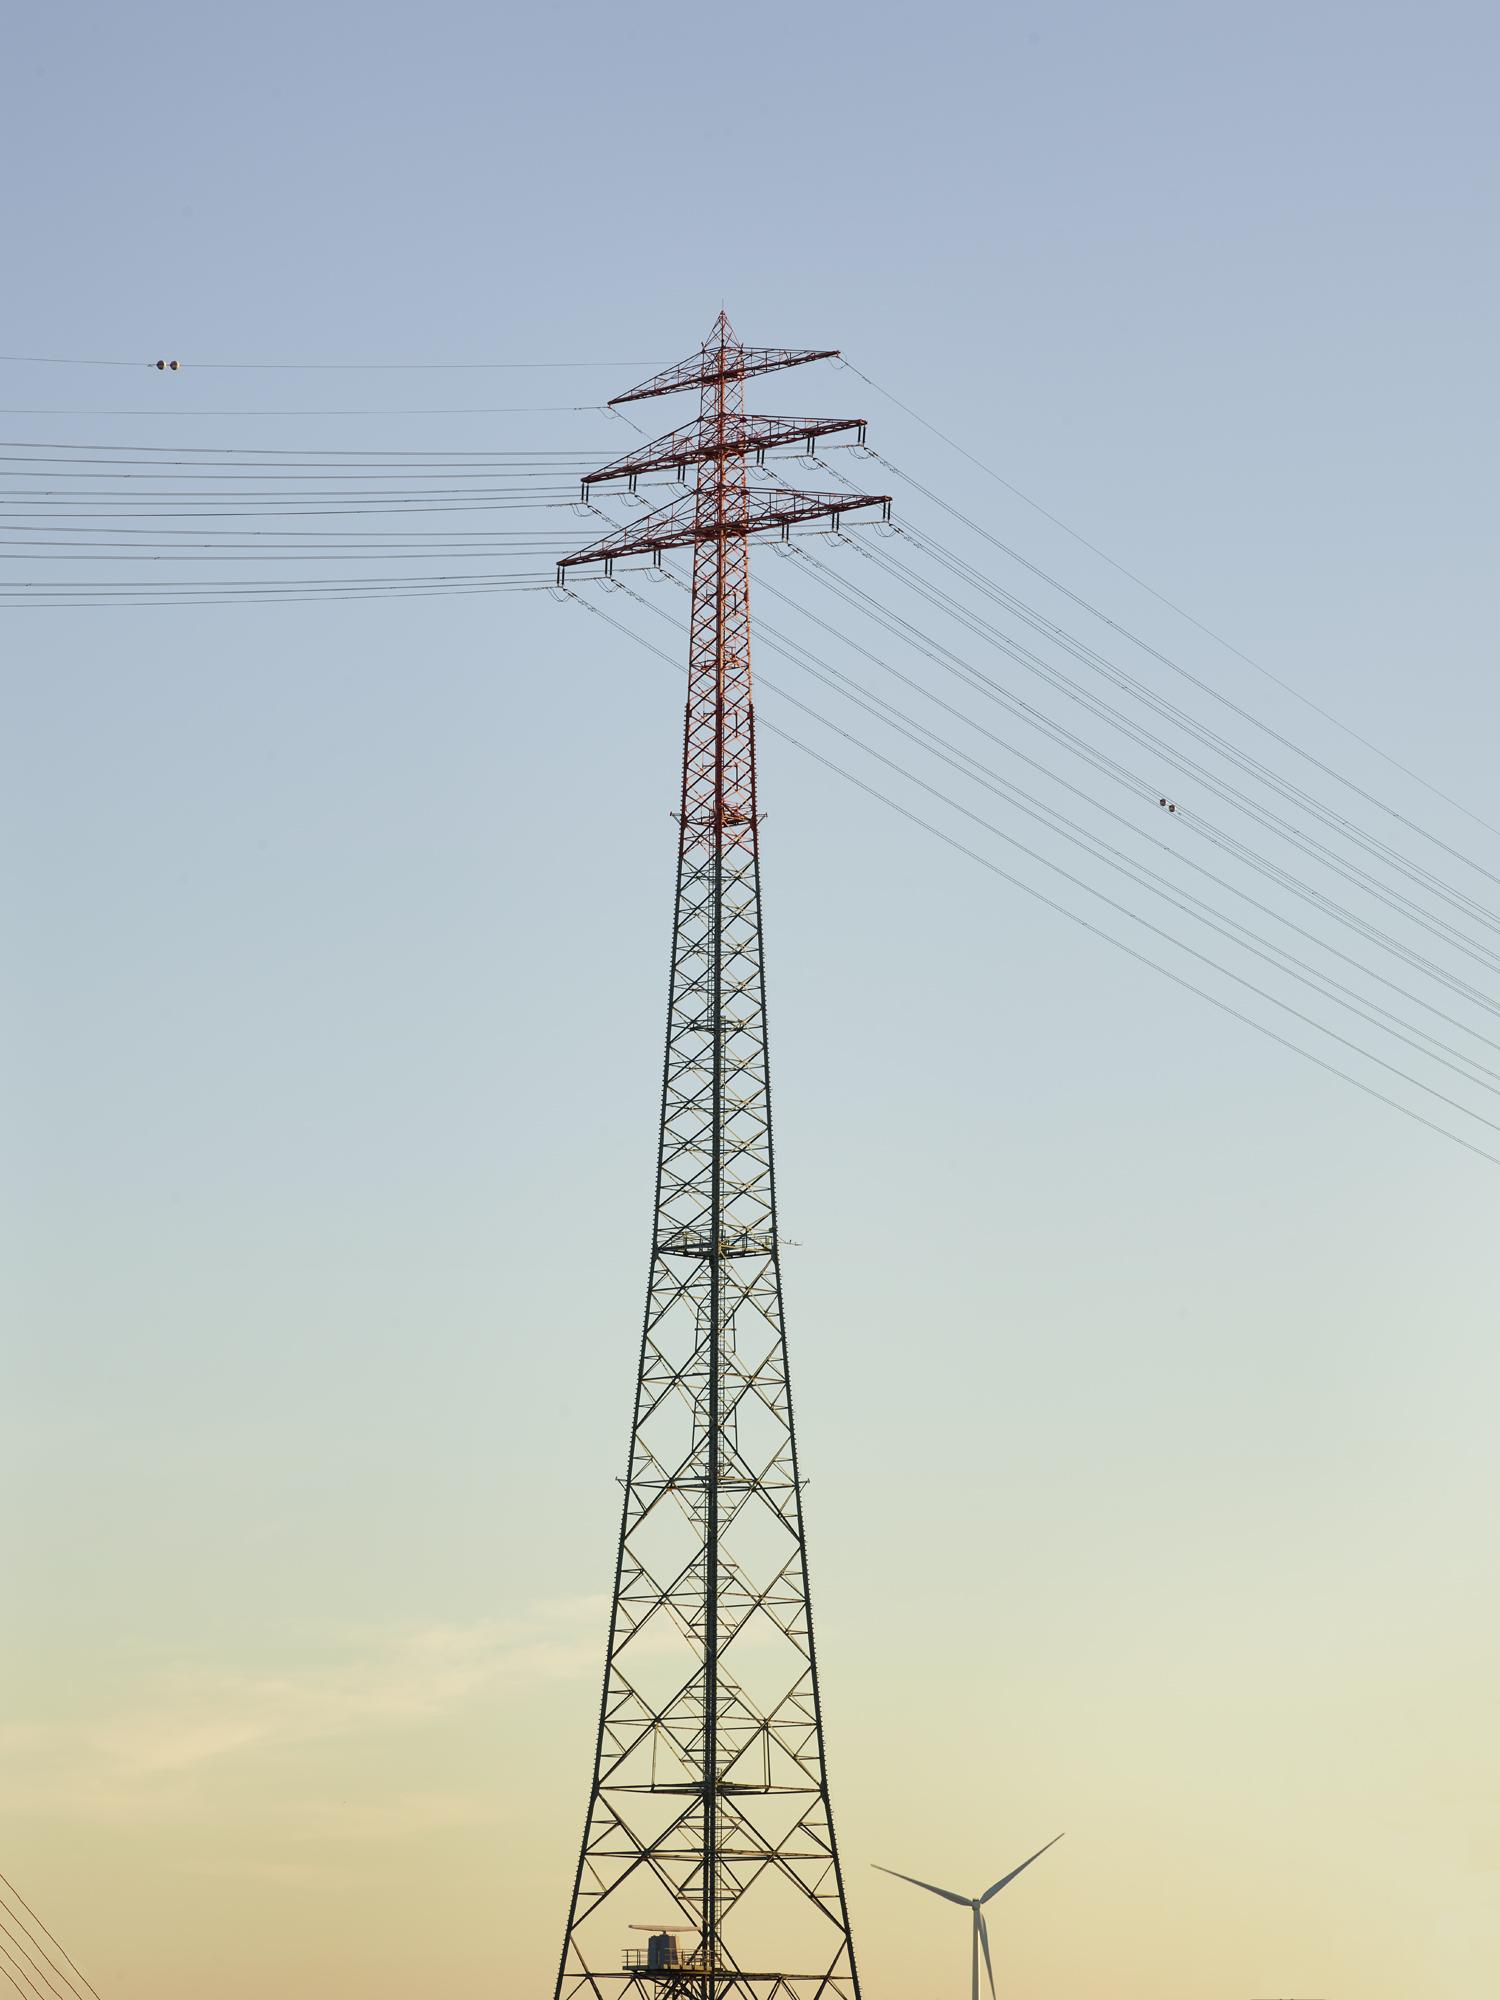 Vattenfall-ImageBank-580.jpg